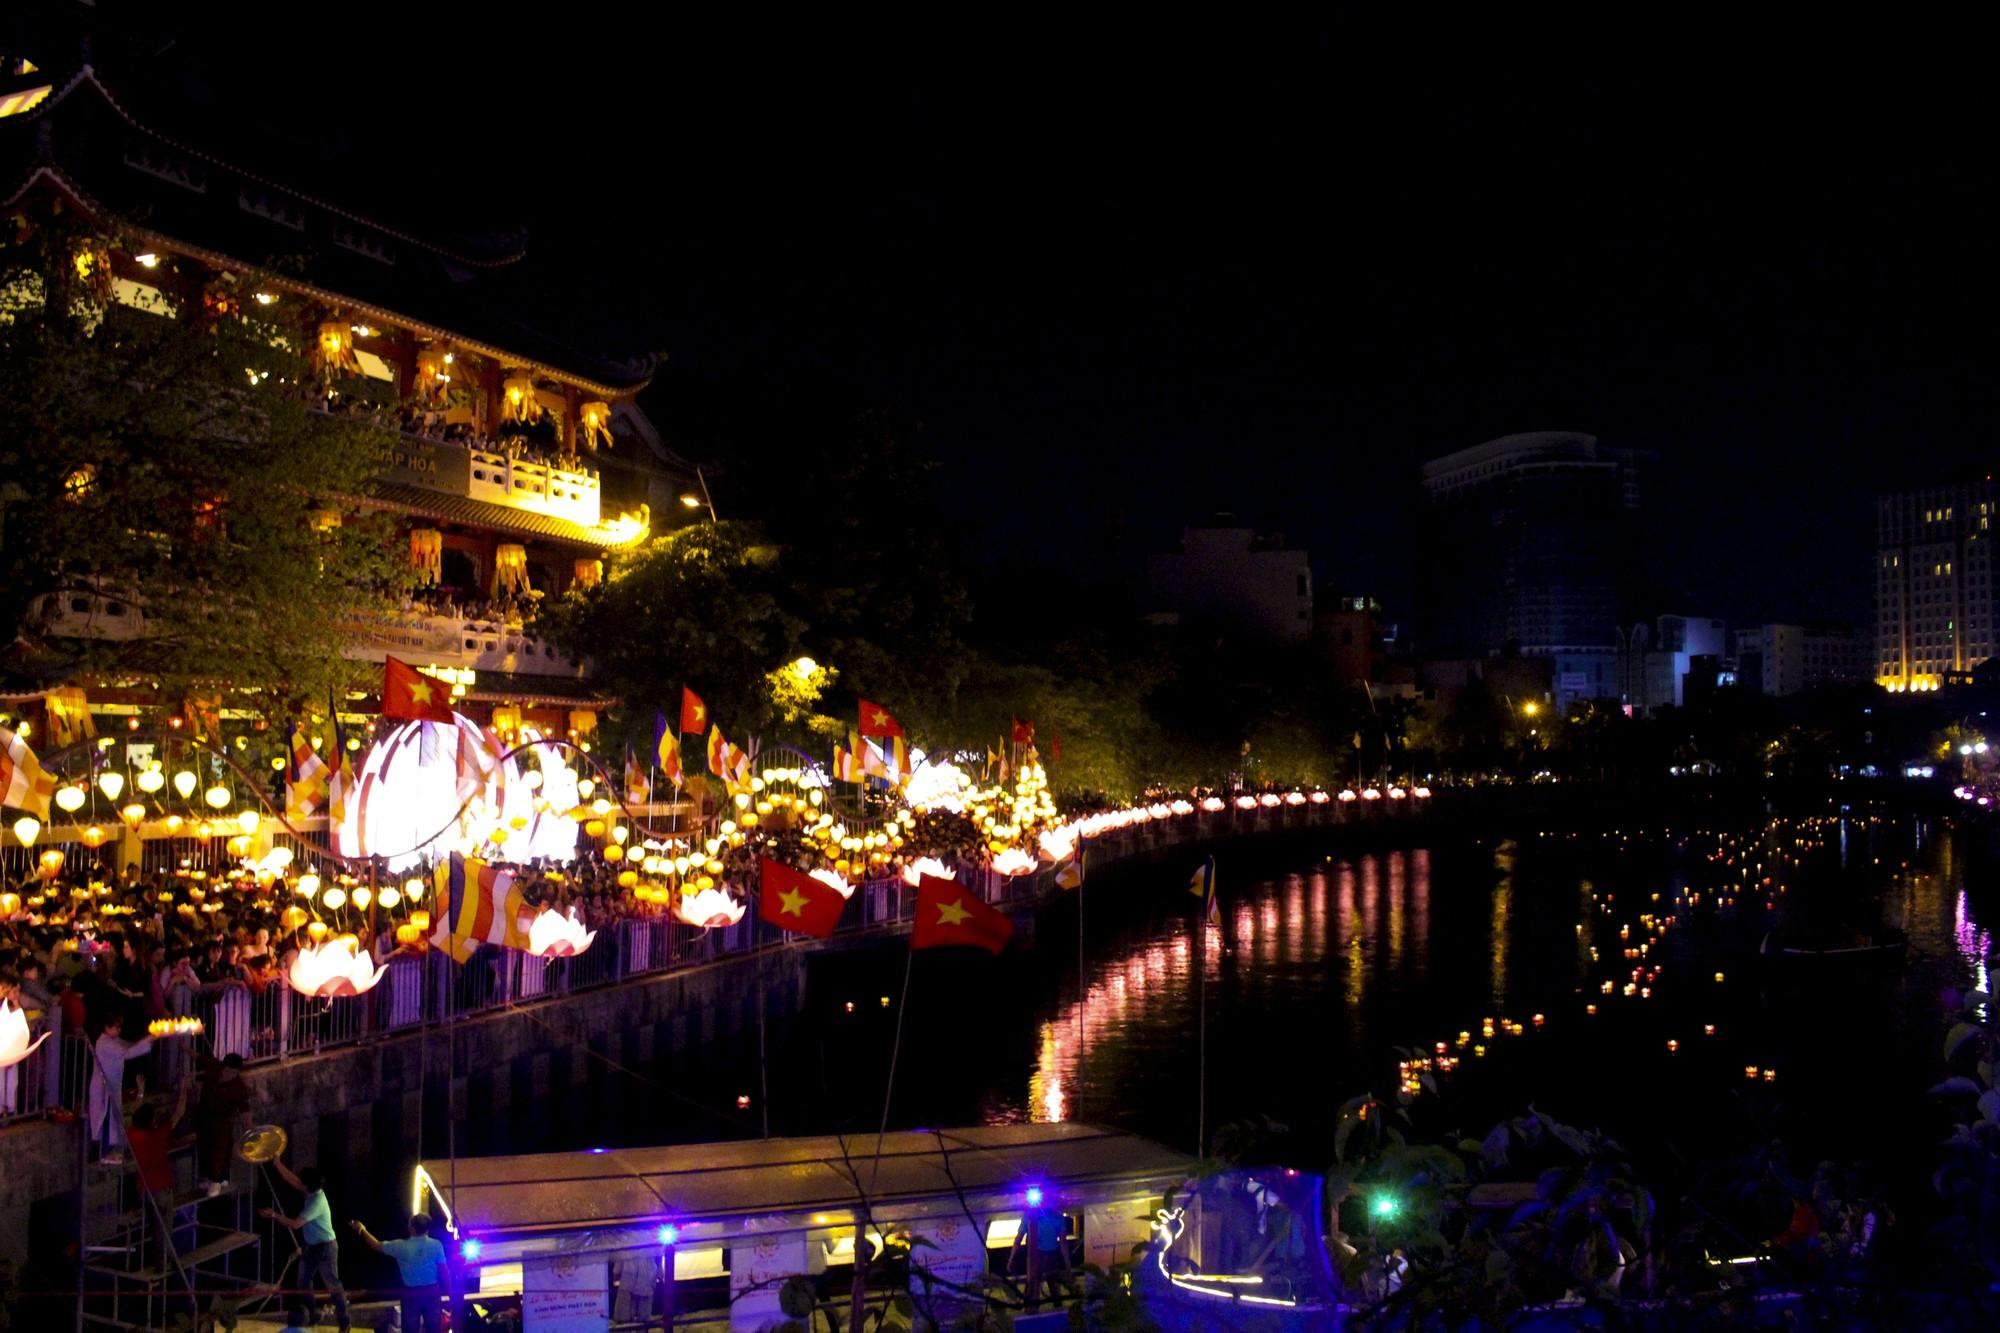 Chùa Pháp Hoa lung linh ngọn đèn hoa đăng ngày lễ Phật Đản - Ảnh 14.